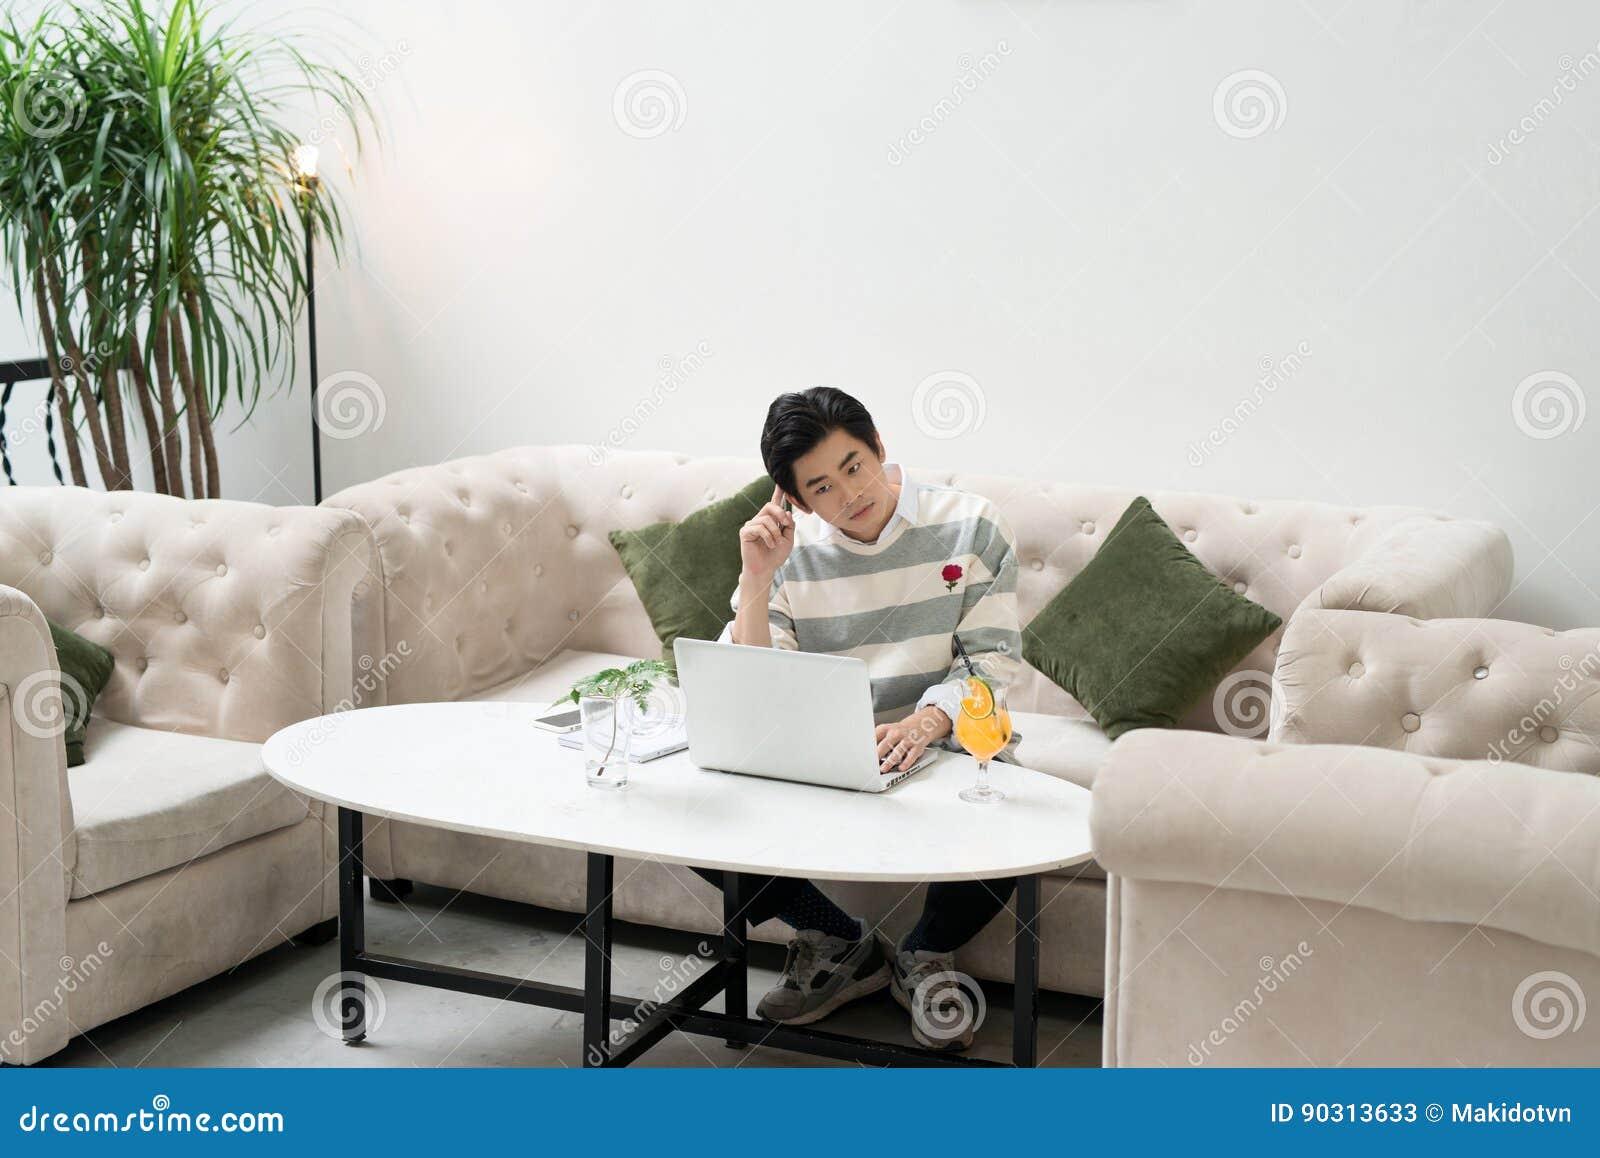 Ασιατικός νέος επιχειρηματίας που εργάζεται στο lap-top του σε μια καφετερία